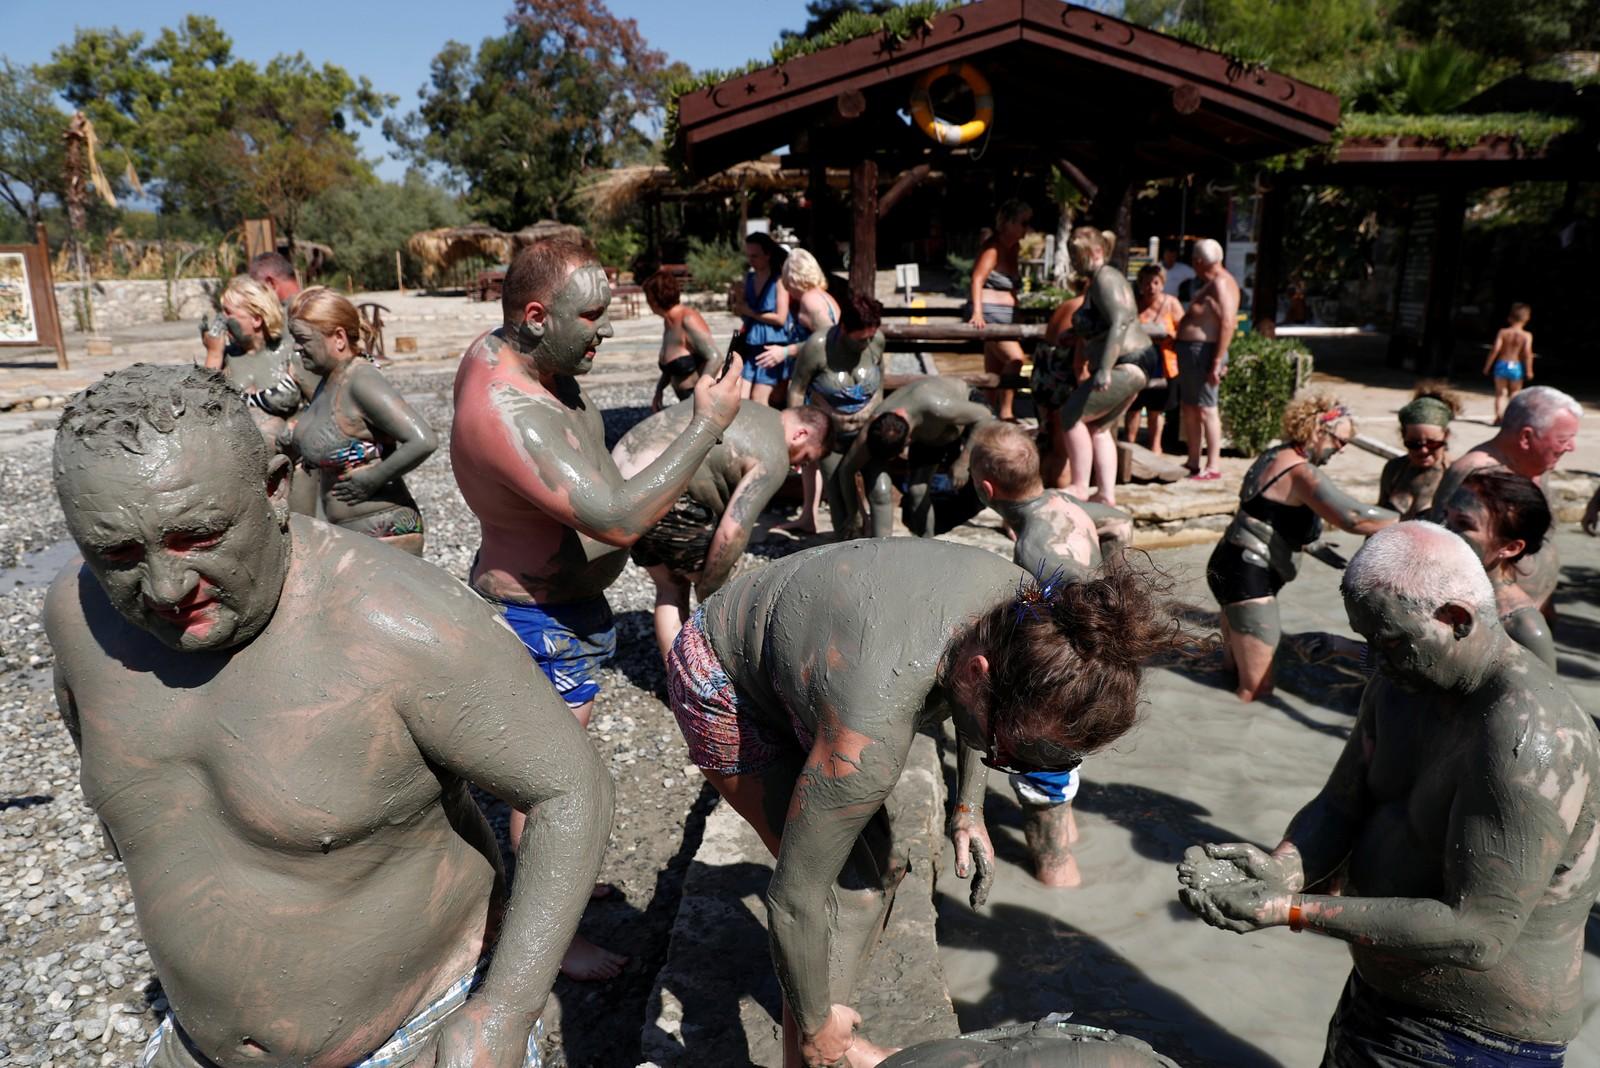 Det hevdes at det er bra for helsa å bade i den svovelholdige gjørma i Dalyan, Tyrkia. Det later i hvert fall til at turistene lar seg lokke dit for å prøve.